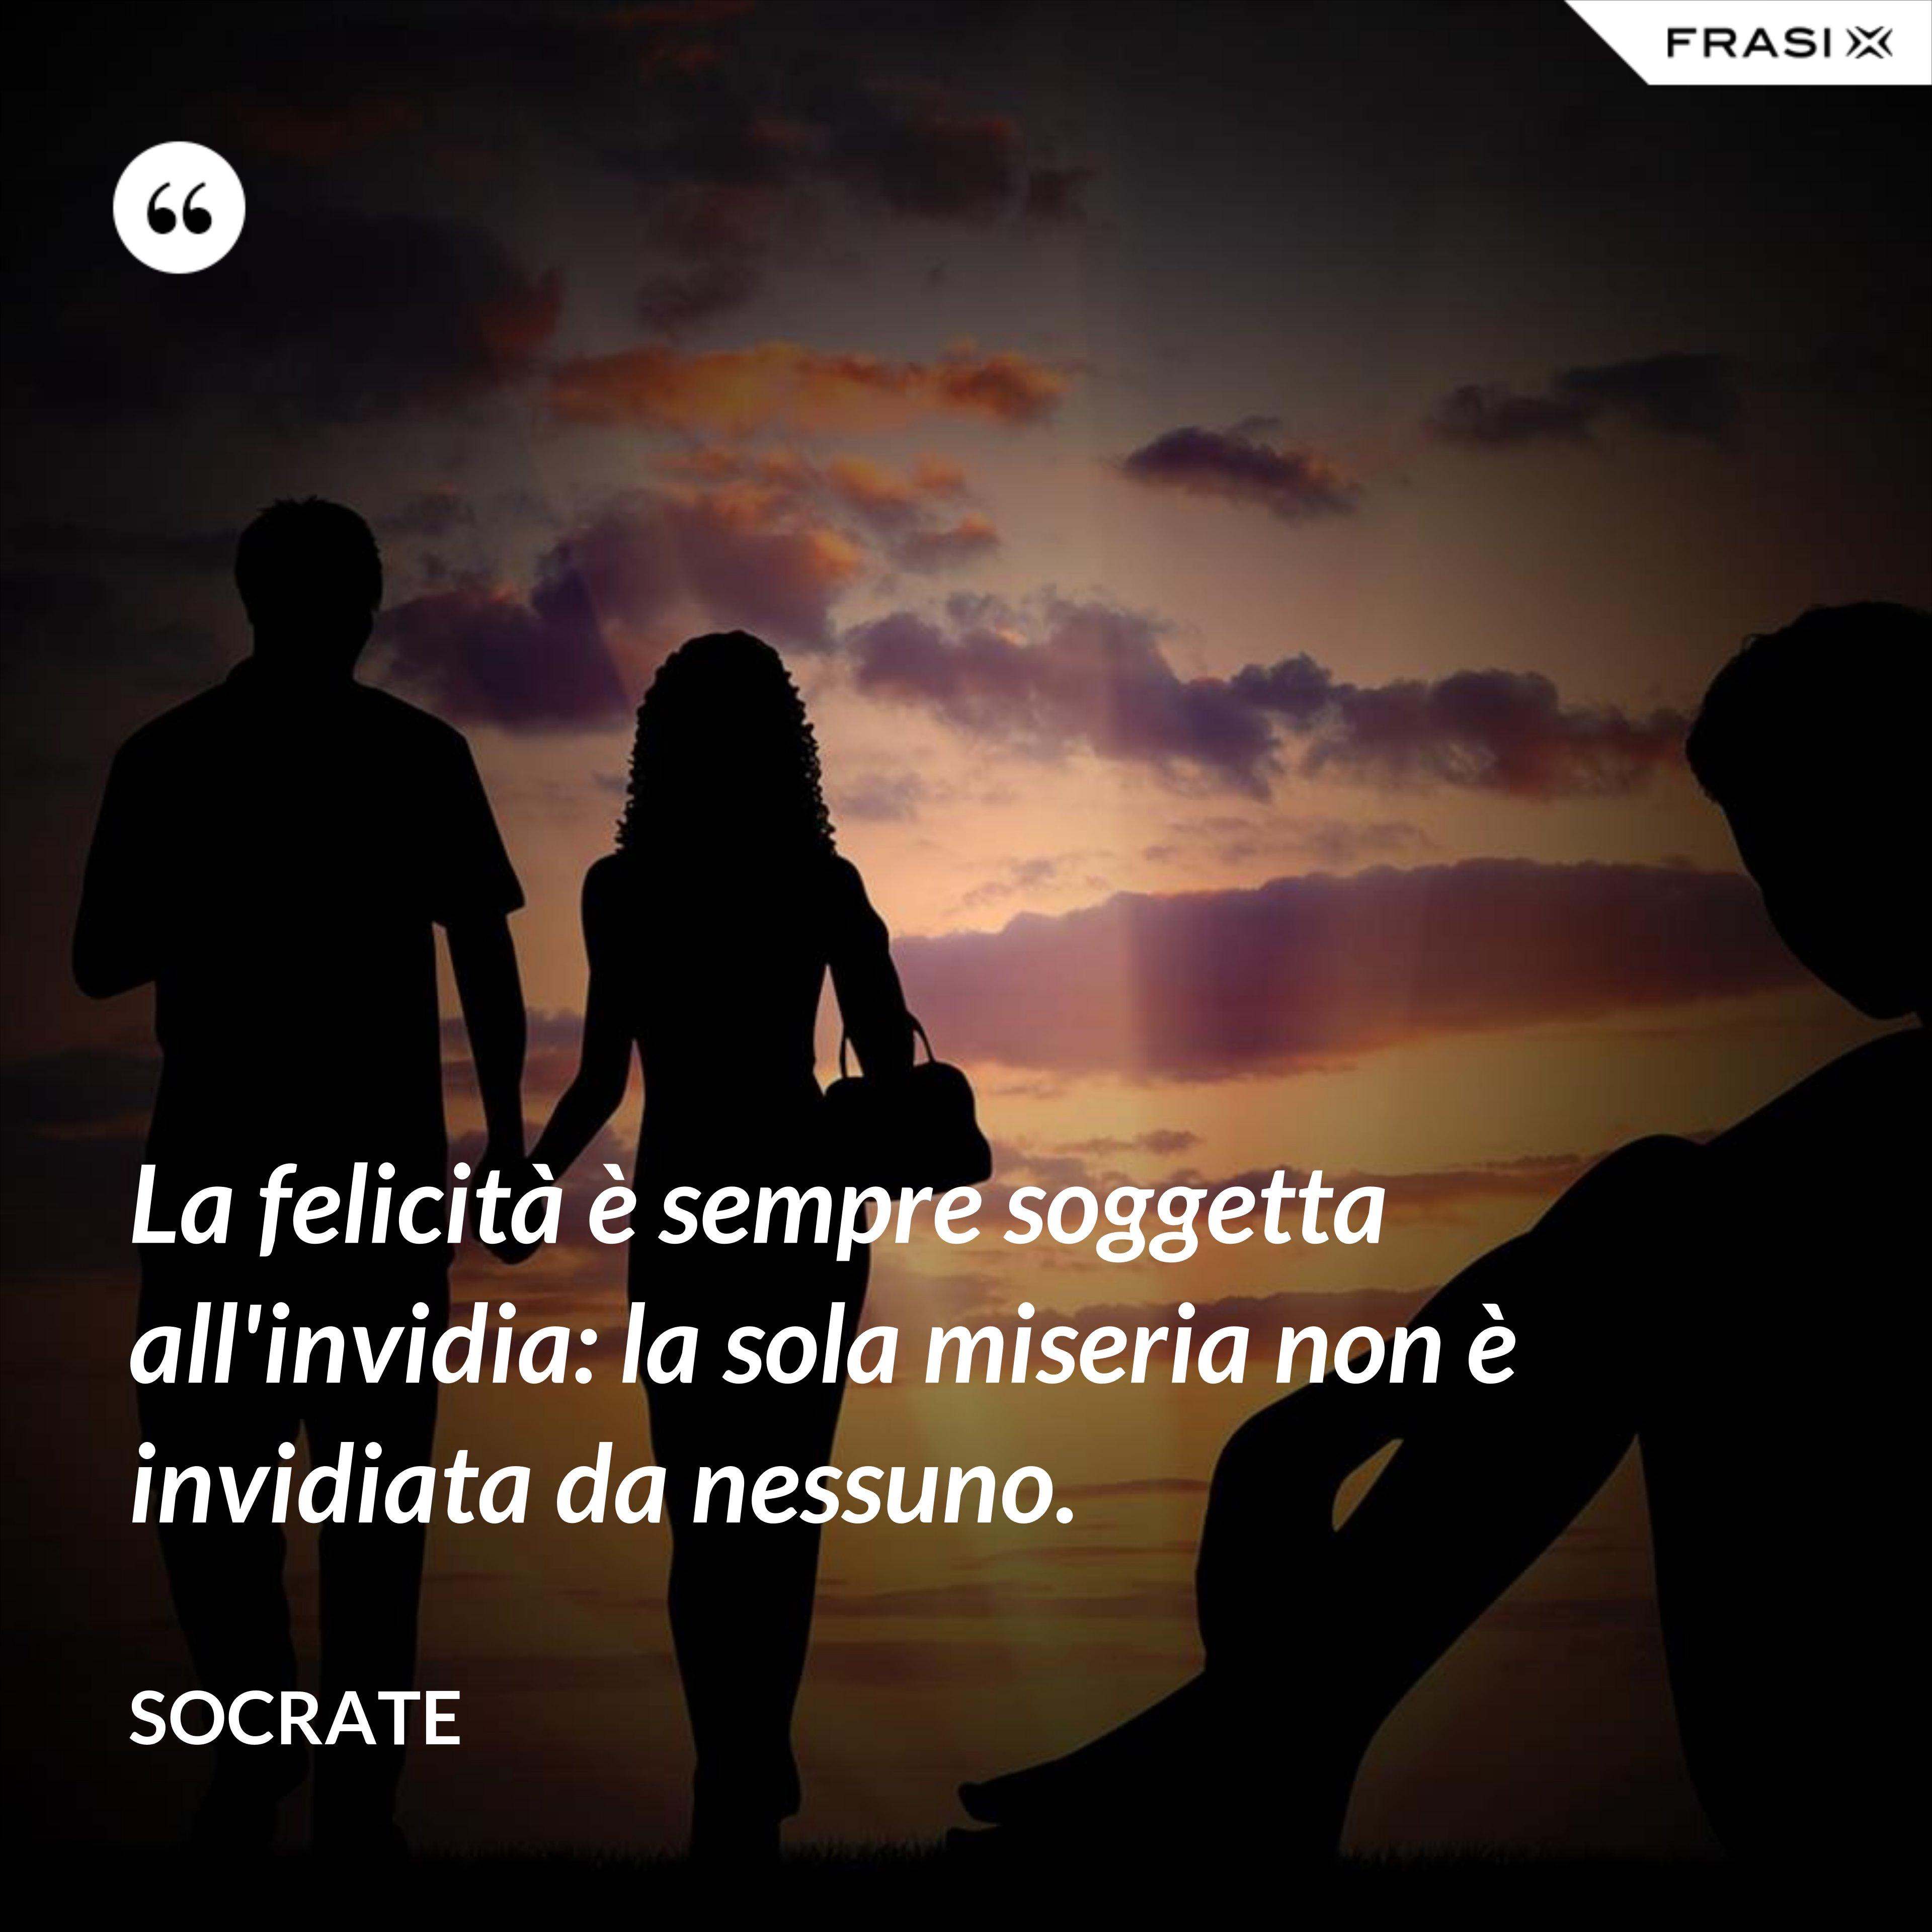 La felicità è sempre soggetta all'invidia: la sola miseria non è invidiata da nessuno. - Socrate